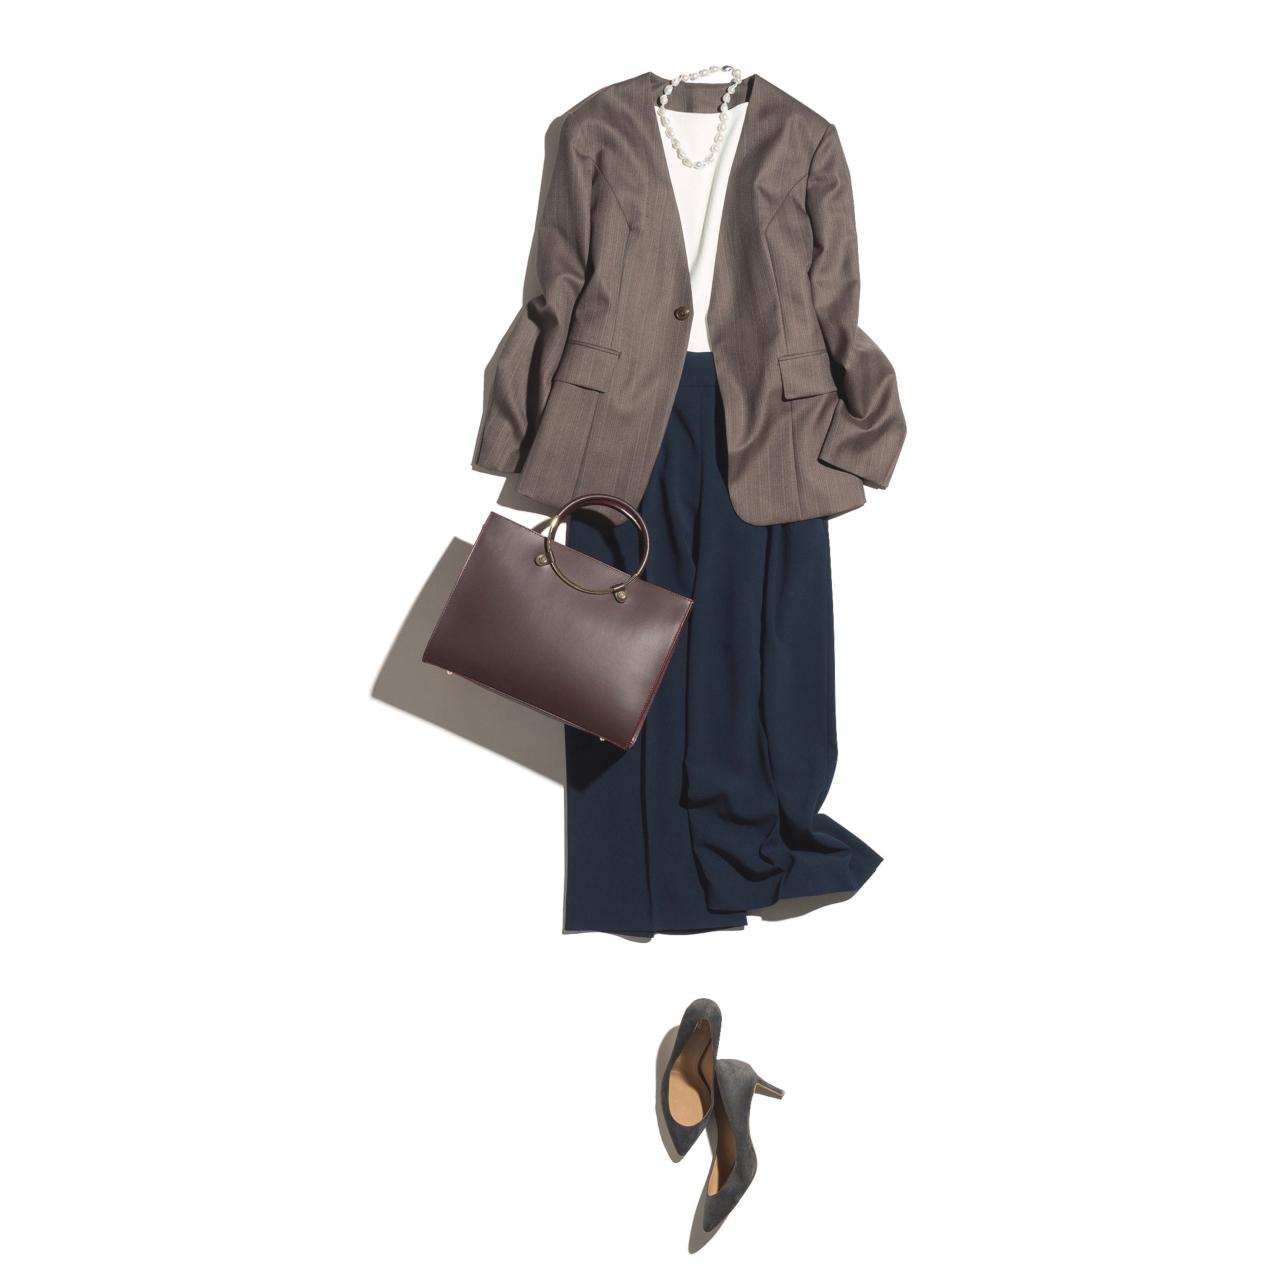 ジャケット×ガウチョパンツのファッションコーデ